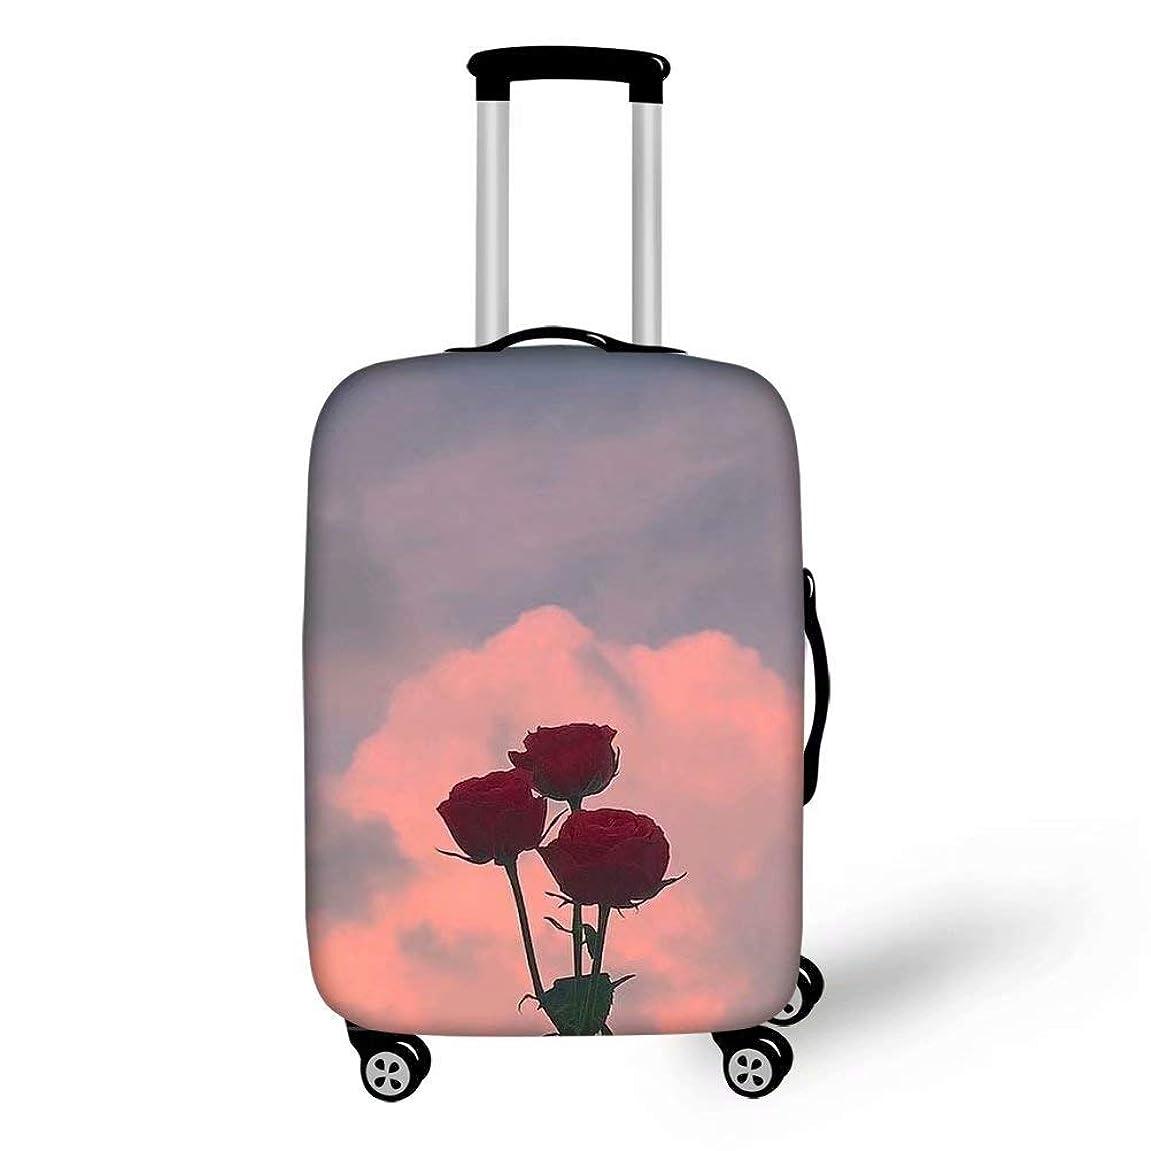 宣言する代わりに膨らませるLedback スーツケースカバー 伸縮素材 鮮やかな花 綺麗的 欧米風 S/M/Lサイズ トランクカバー 防塵 防水 ラゲッジカバー 洗える 旅行者 キャリーカバー おしゃれ 保護